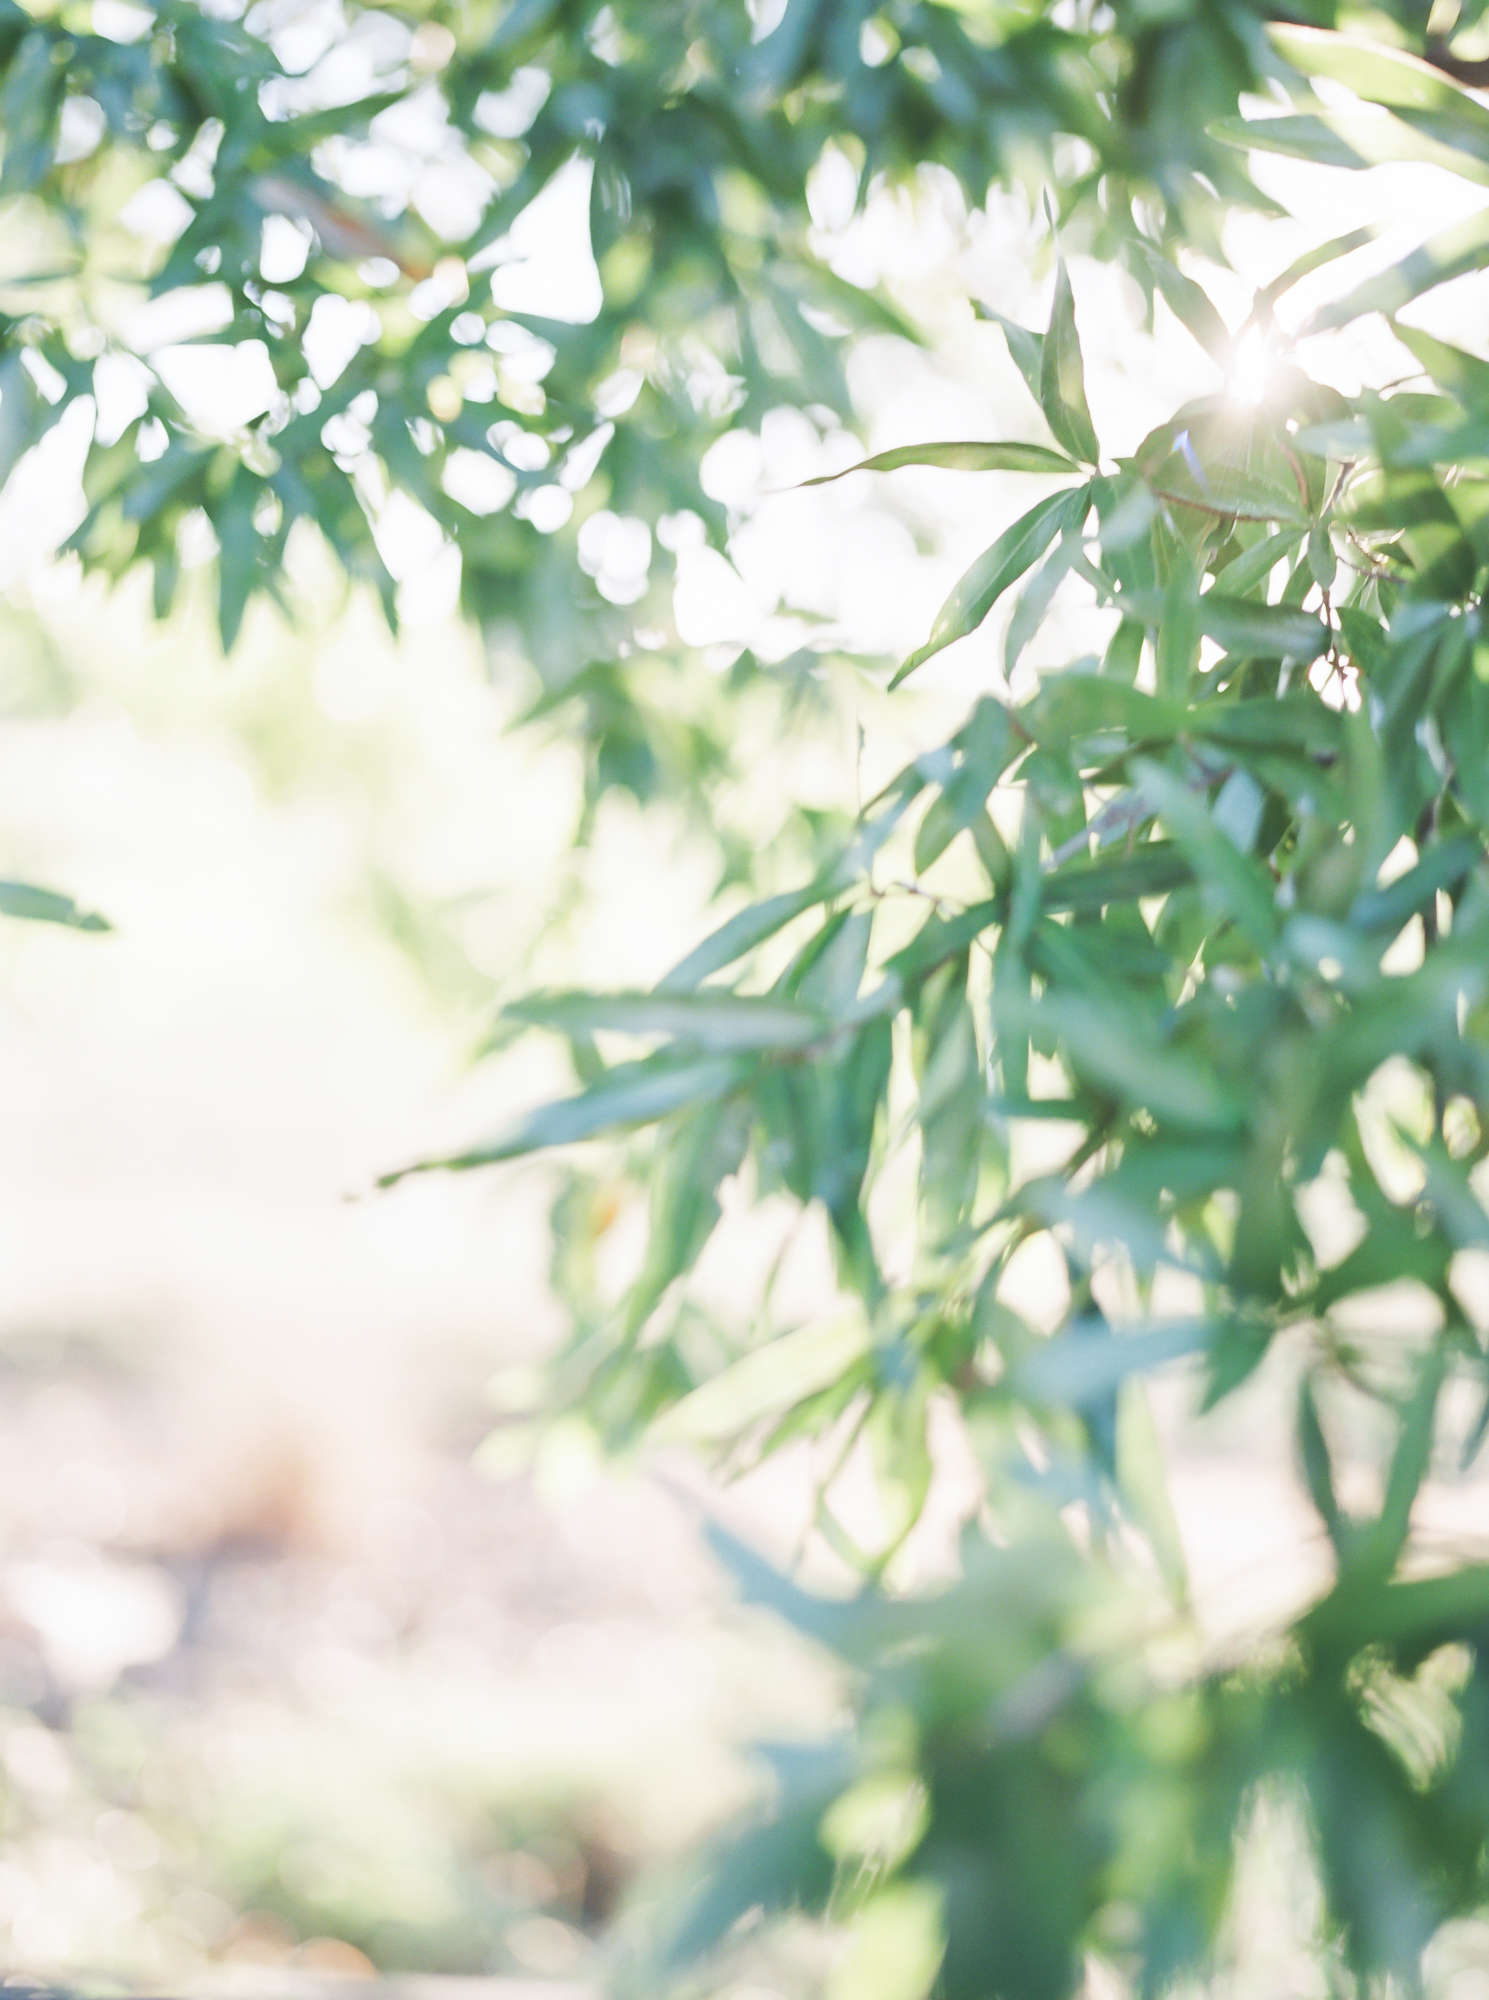 farmatbrusharborwedding-13-2.jpg